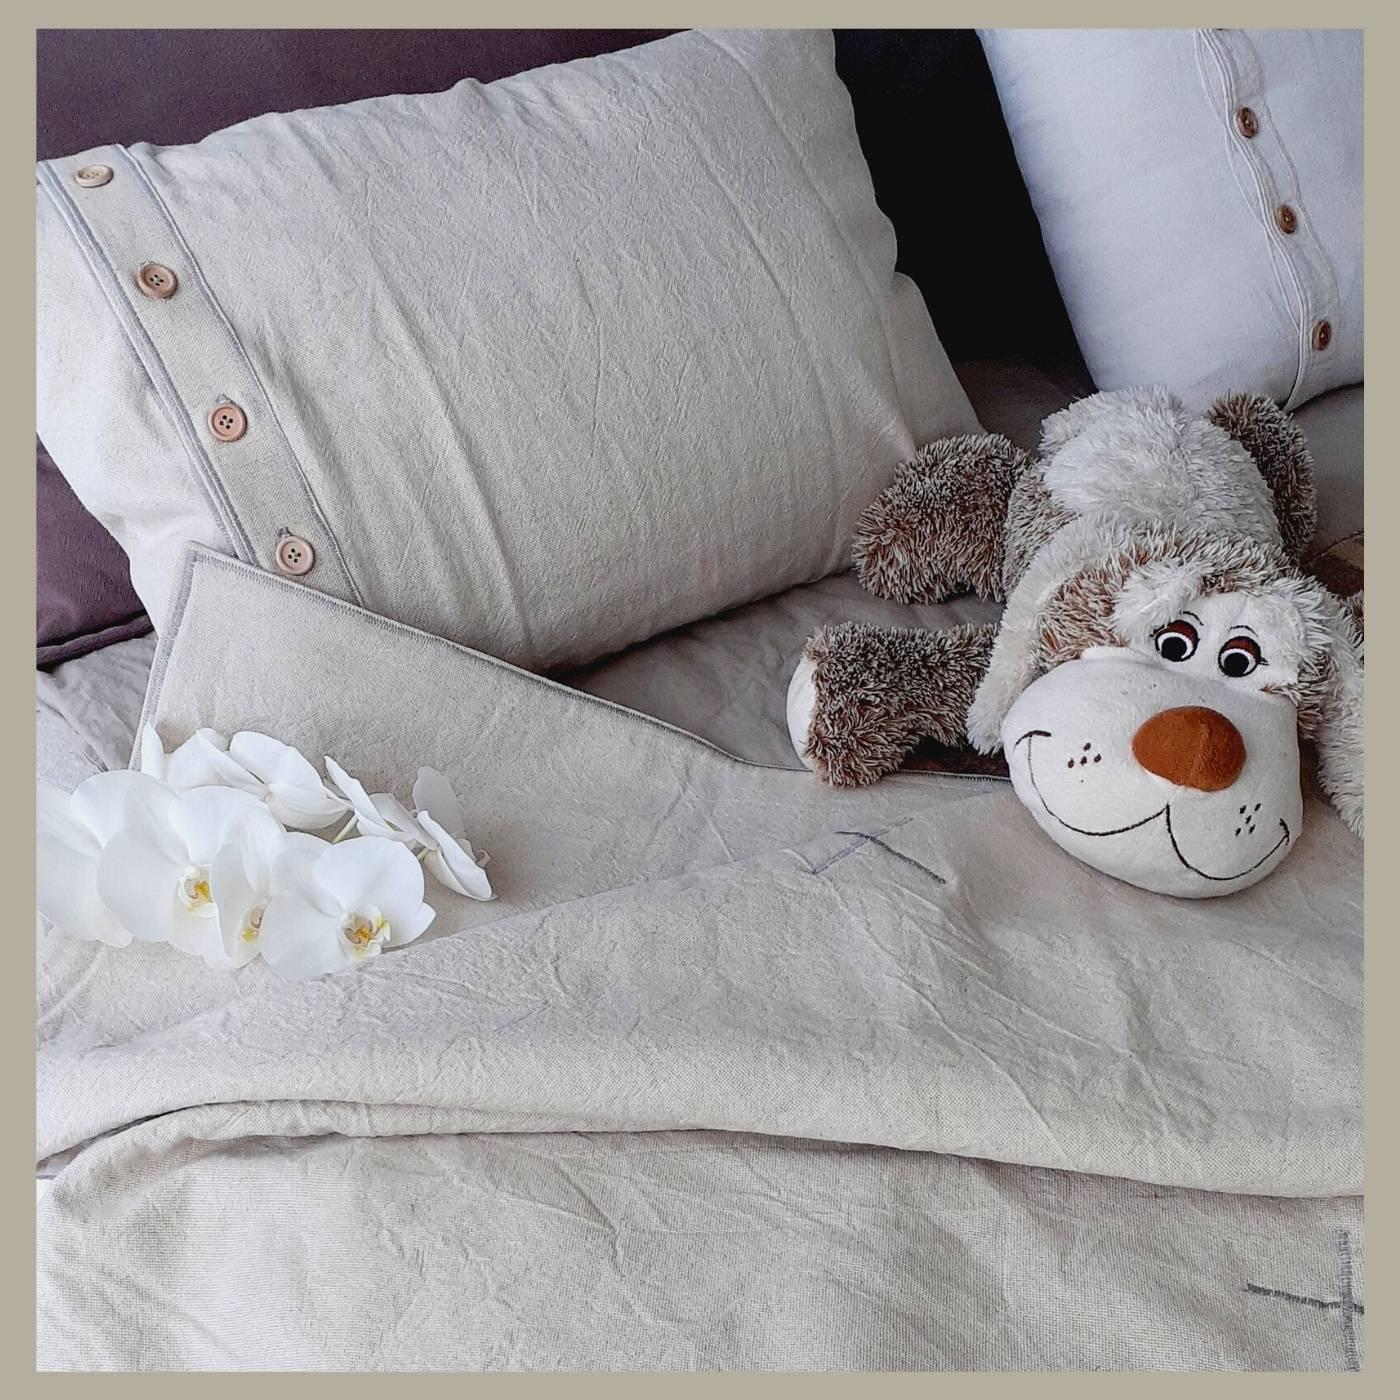 linen set (1)